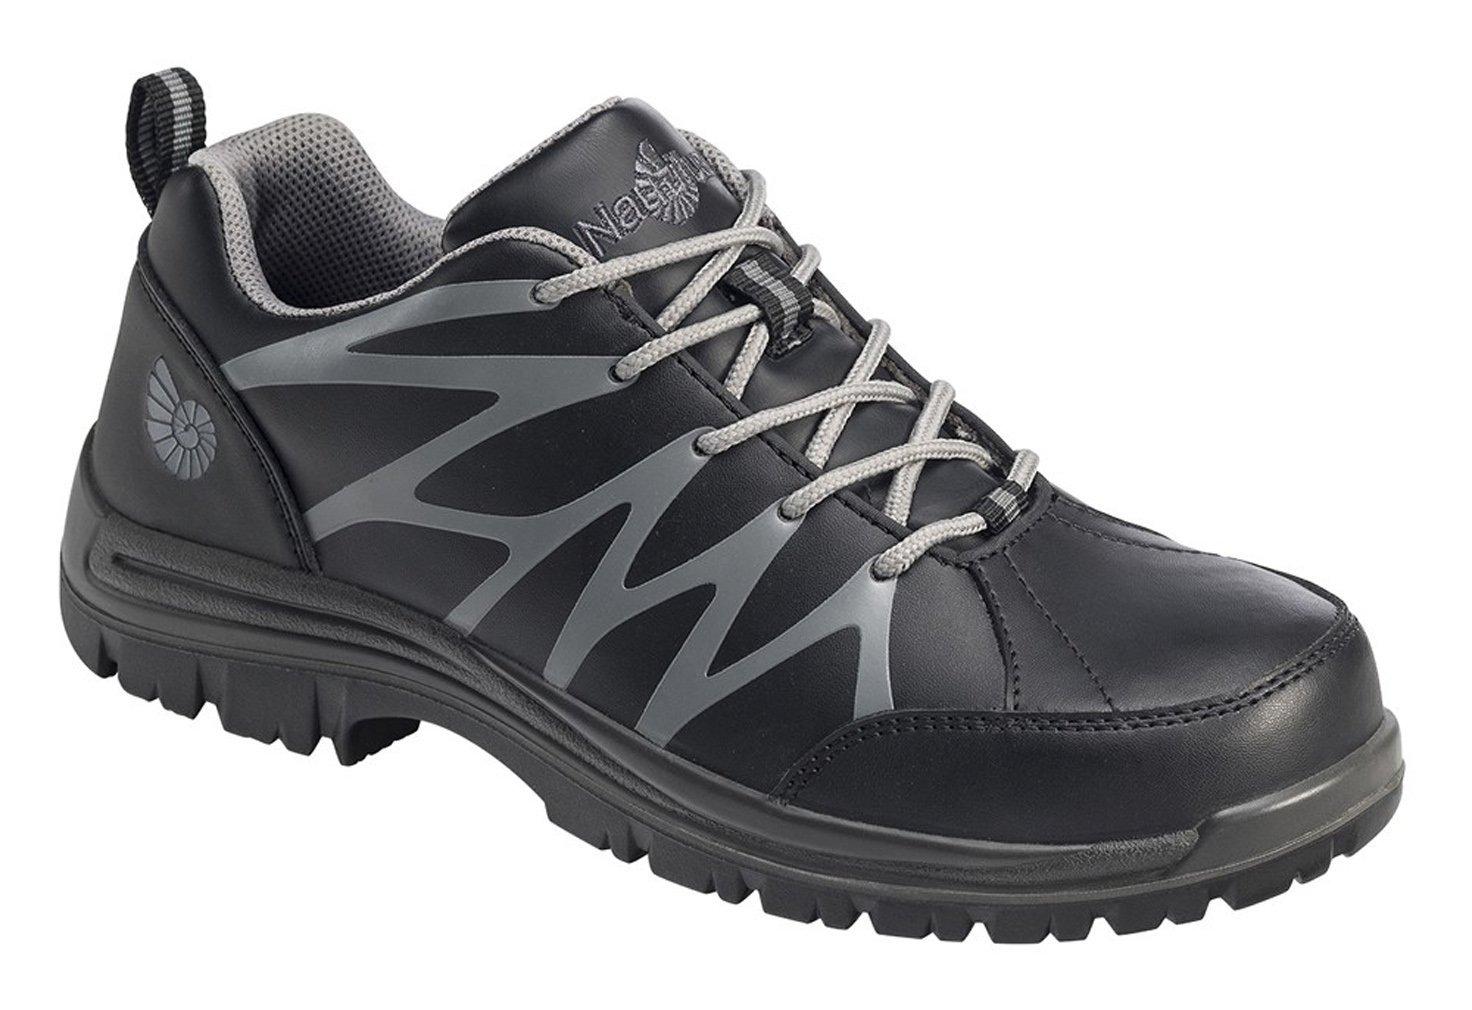 Nautilus Men 's Composite Toe Slip Resistantレザー、ポリウレタンAthleticスニーカー B01G97YGIO 10 D(M) US|ブラック ブラック 10 D(M) US